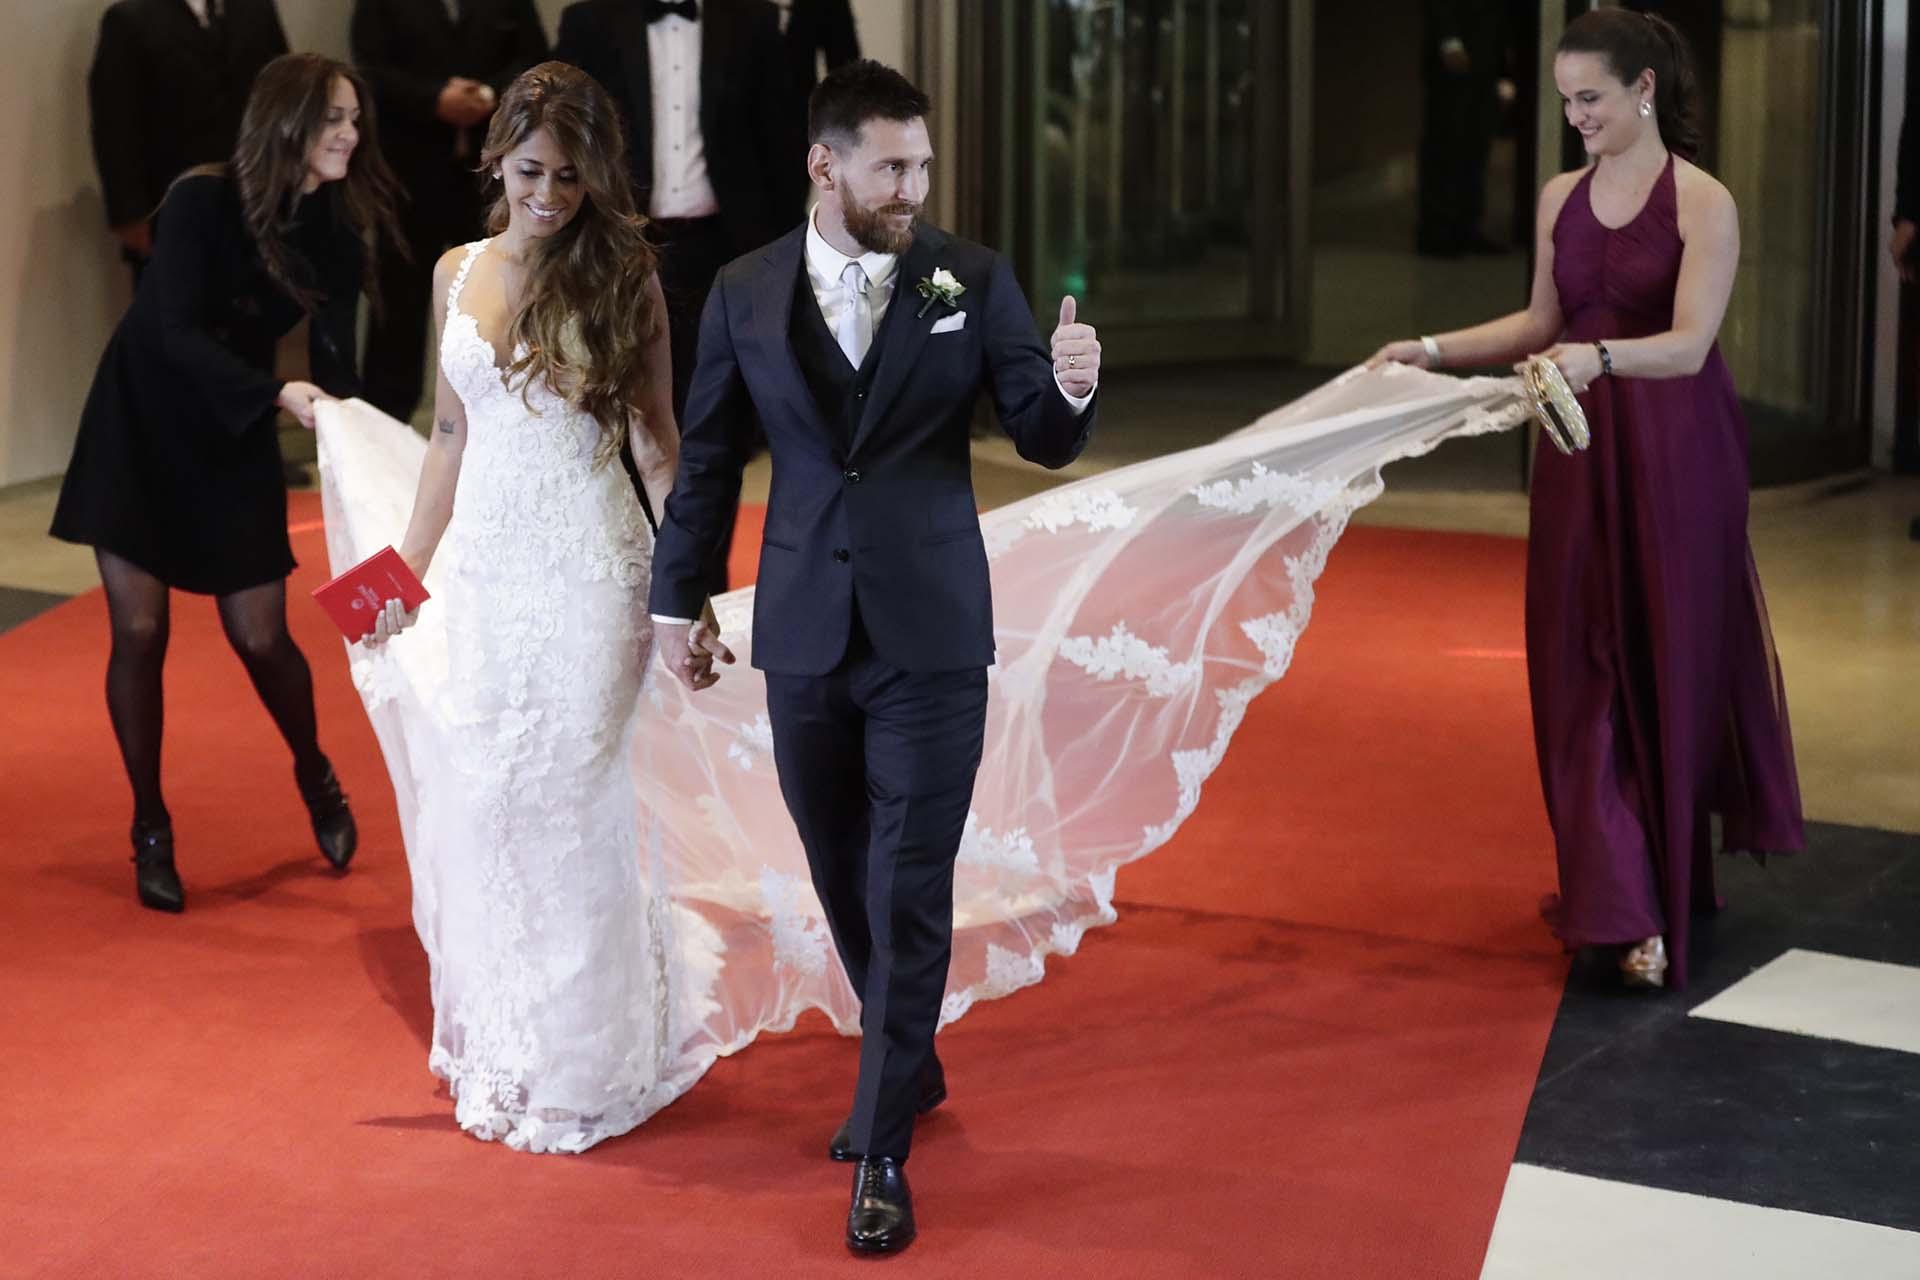 Los recién casados, Lionel Messi y Antonela Roccuzzo, salen a la alfombra roja para posar para los fotógrafos, después de dar el sí en Rosario